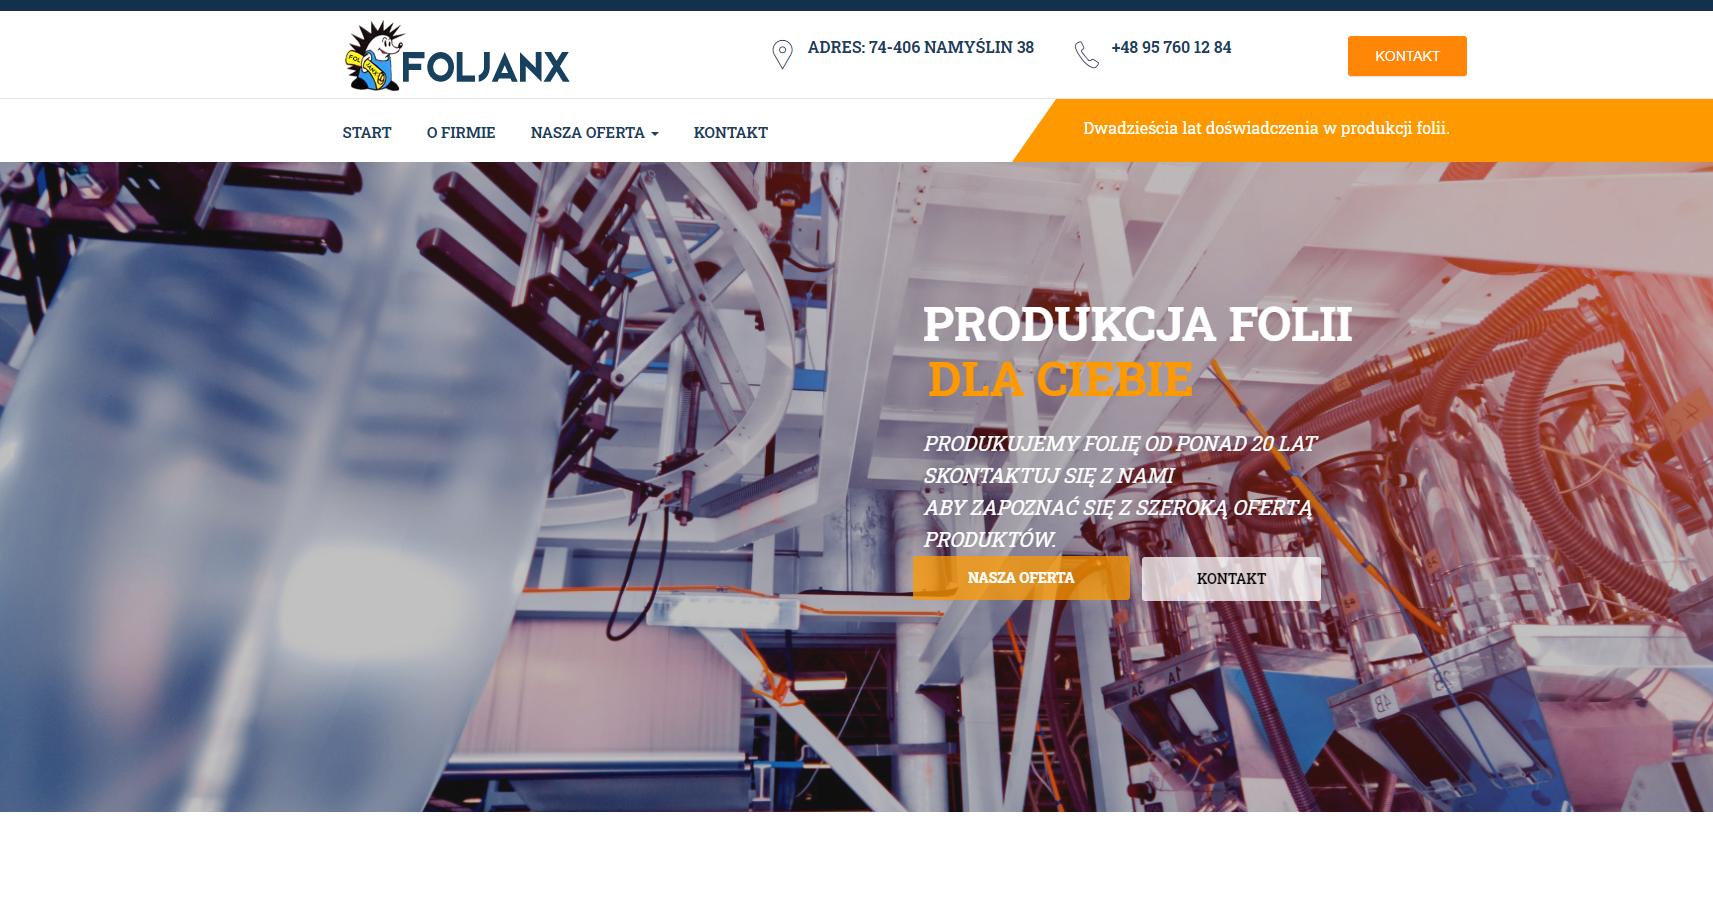 www.foljanx.pl